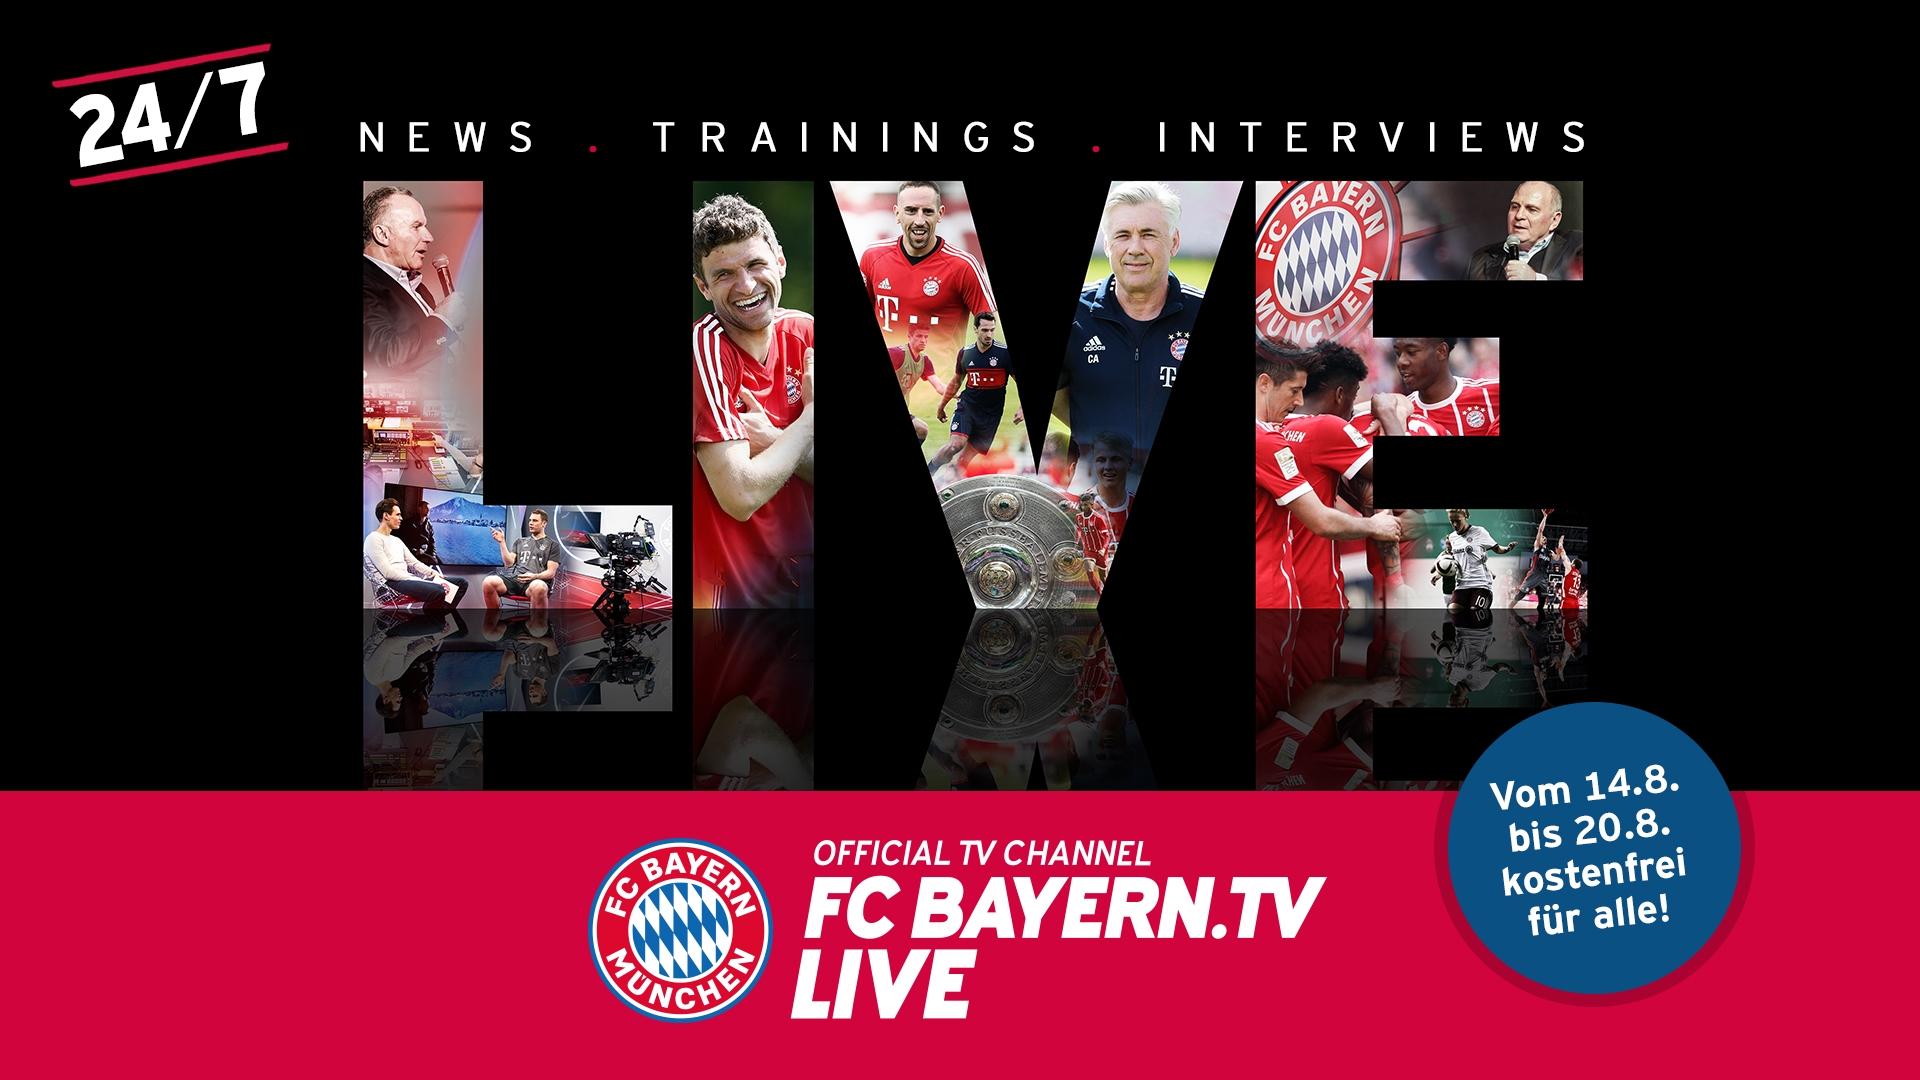 FC Bayern.tv live: Vom 14. bis 20. August frei empfangbar für alle